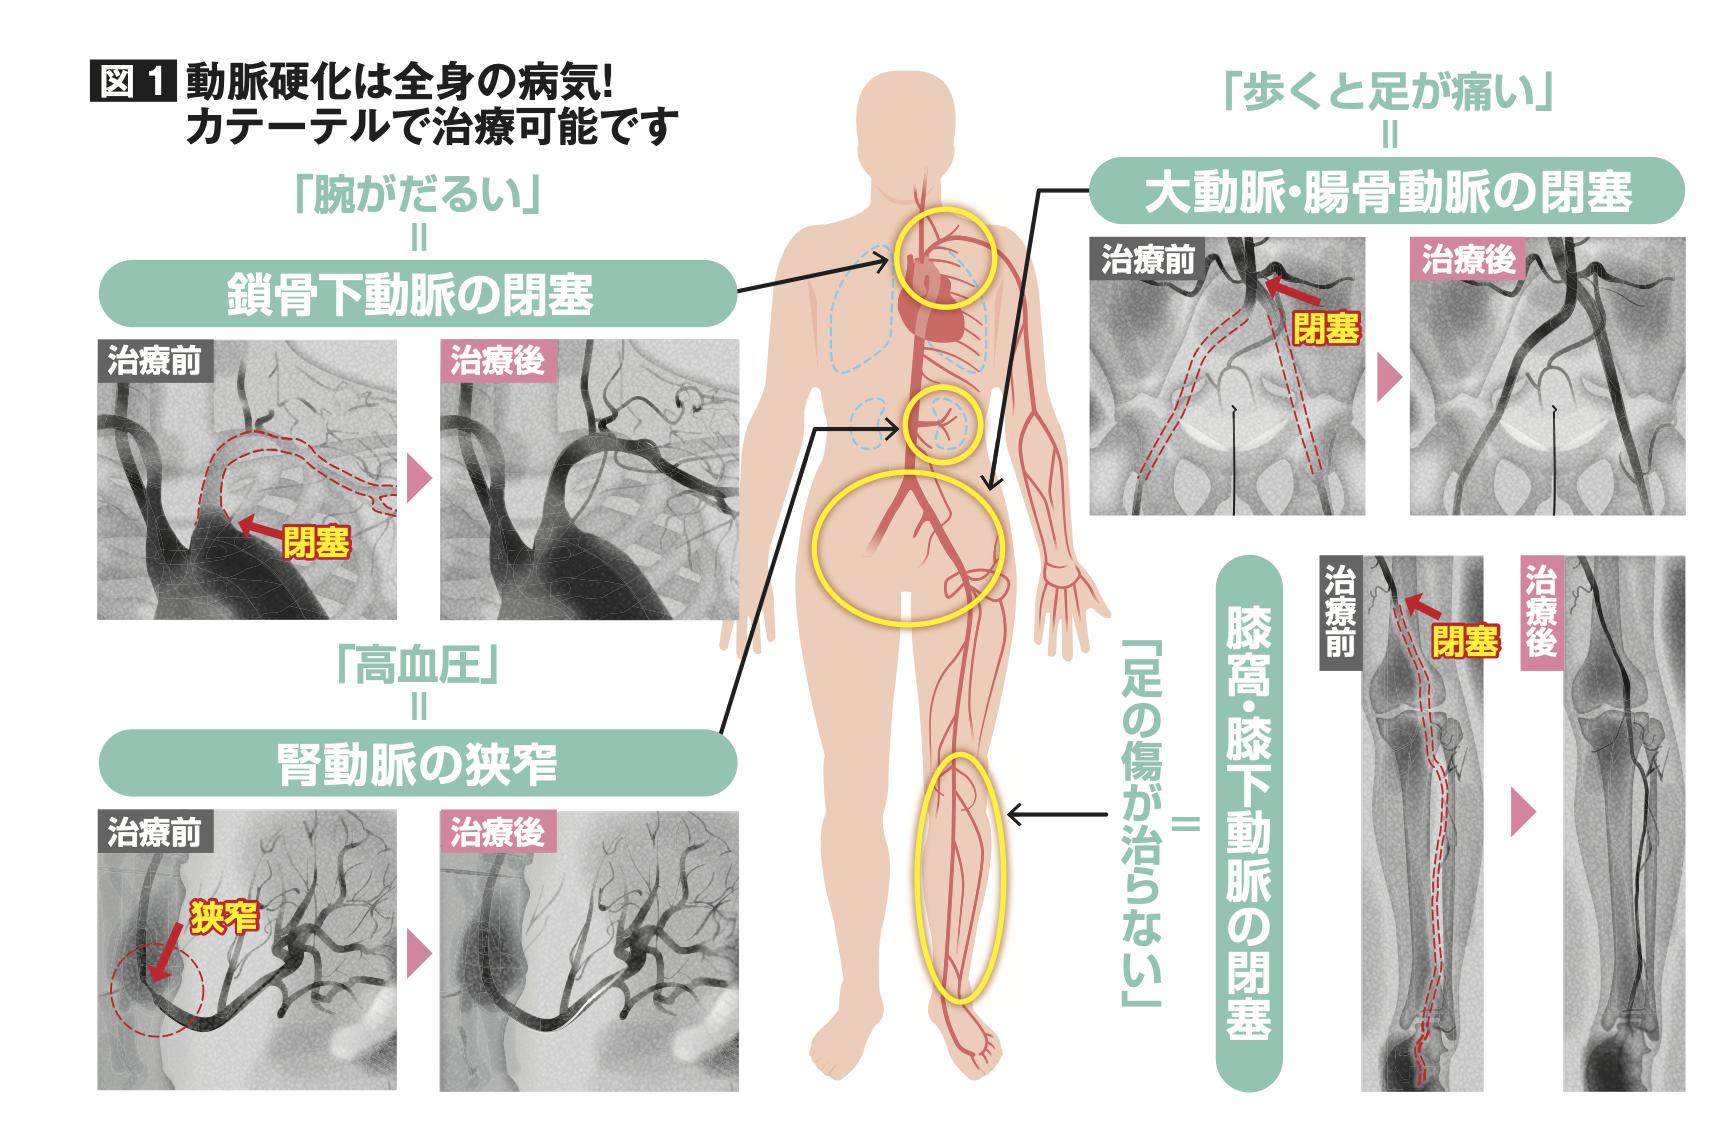 動脈硬化は全身の病気!カテーテルで治療可能です